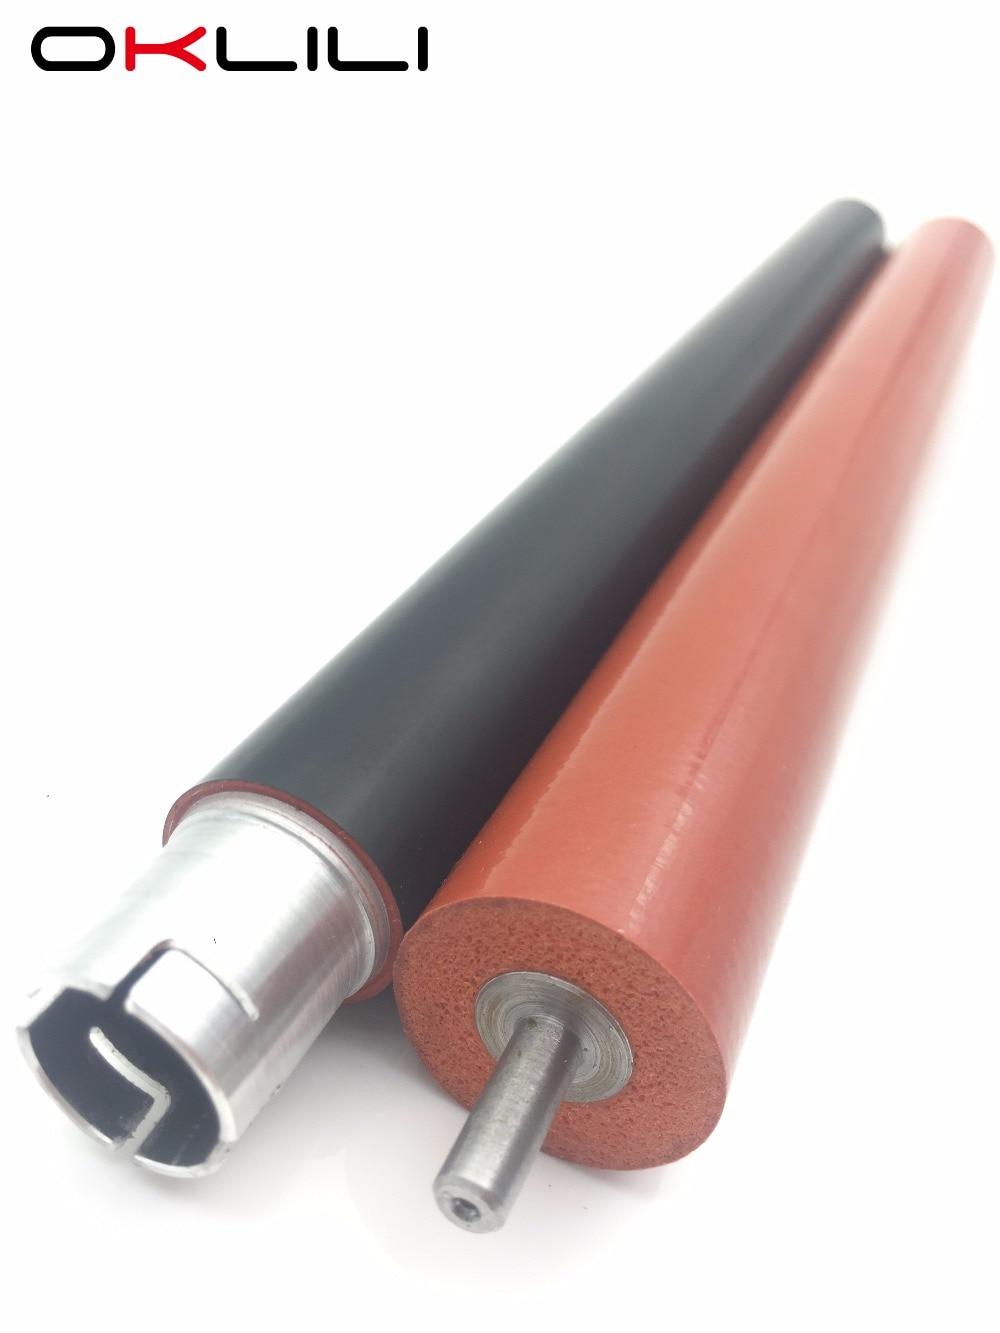 NHẬT BẢN LY6754001 Nhiệt Trên Con Lăn Fuser thấp hơn con lăn áp lực cho Anh HL3140 HL3170 MFC9130 MFC9330 MFC9340 HL3150 MFC9140